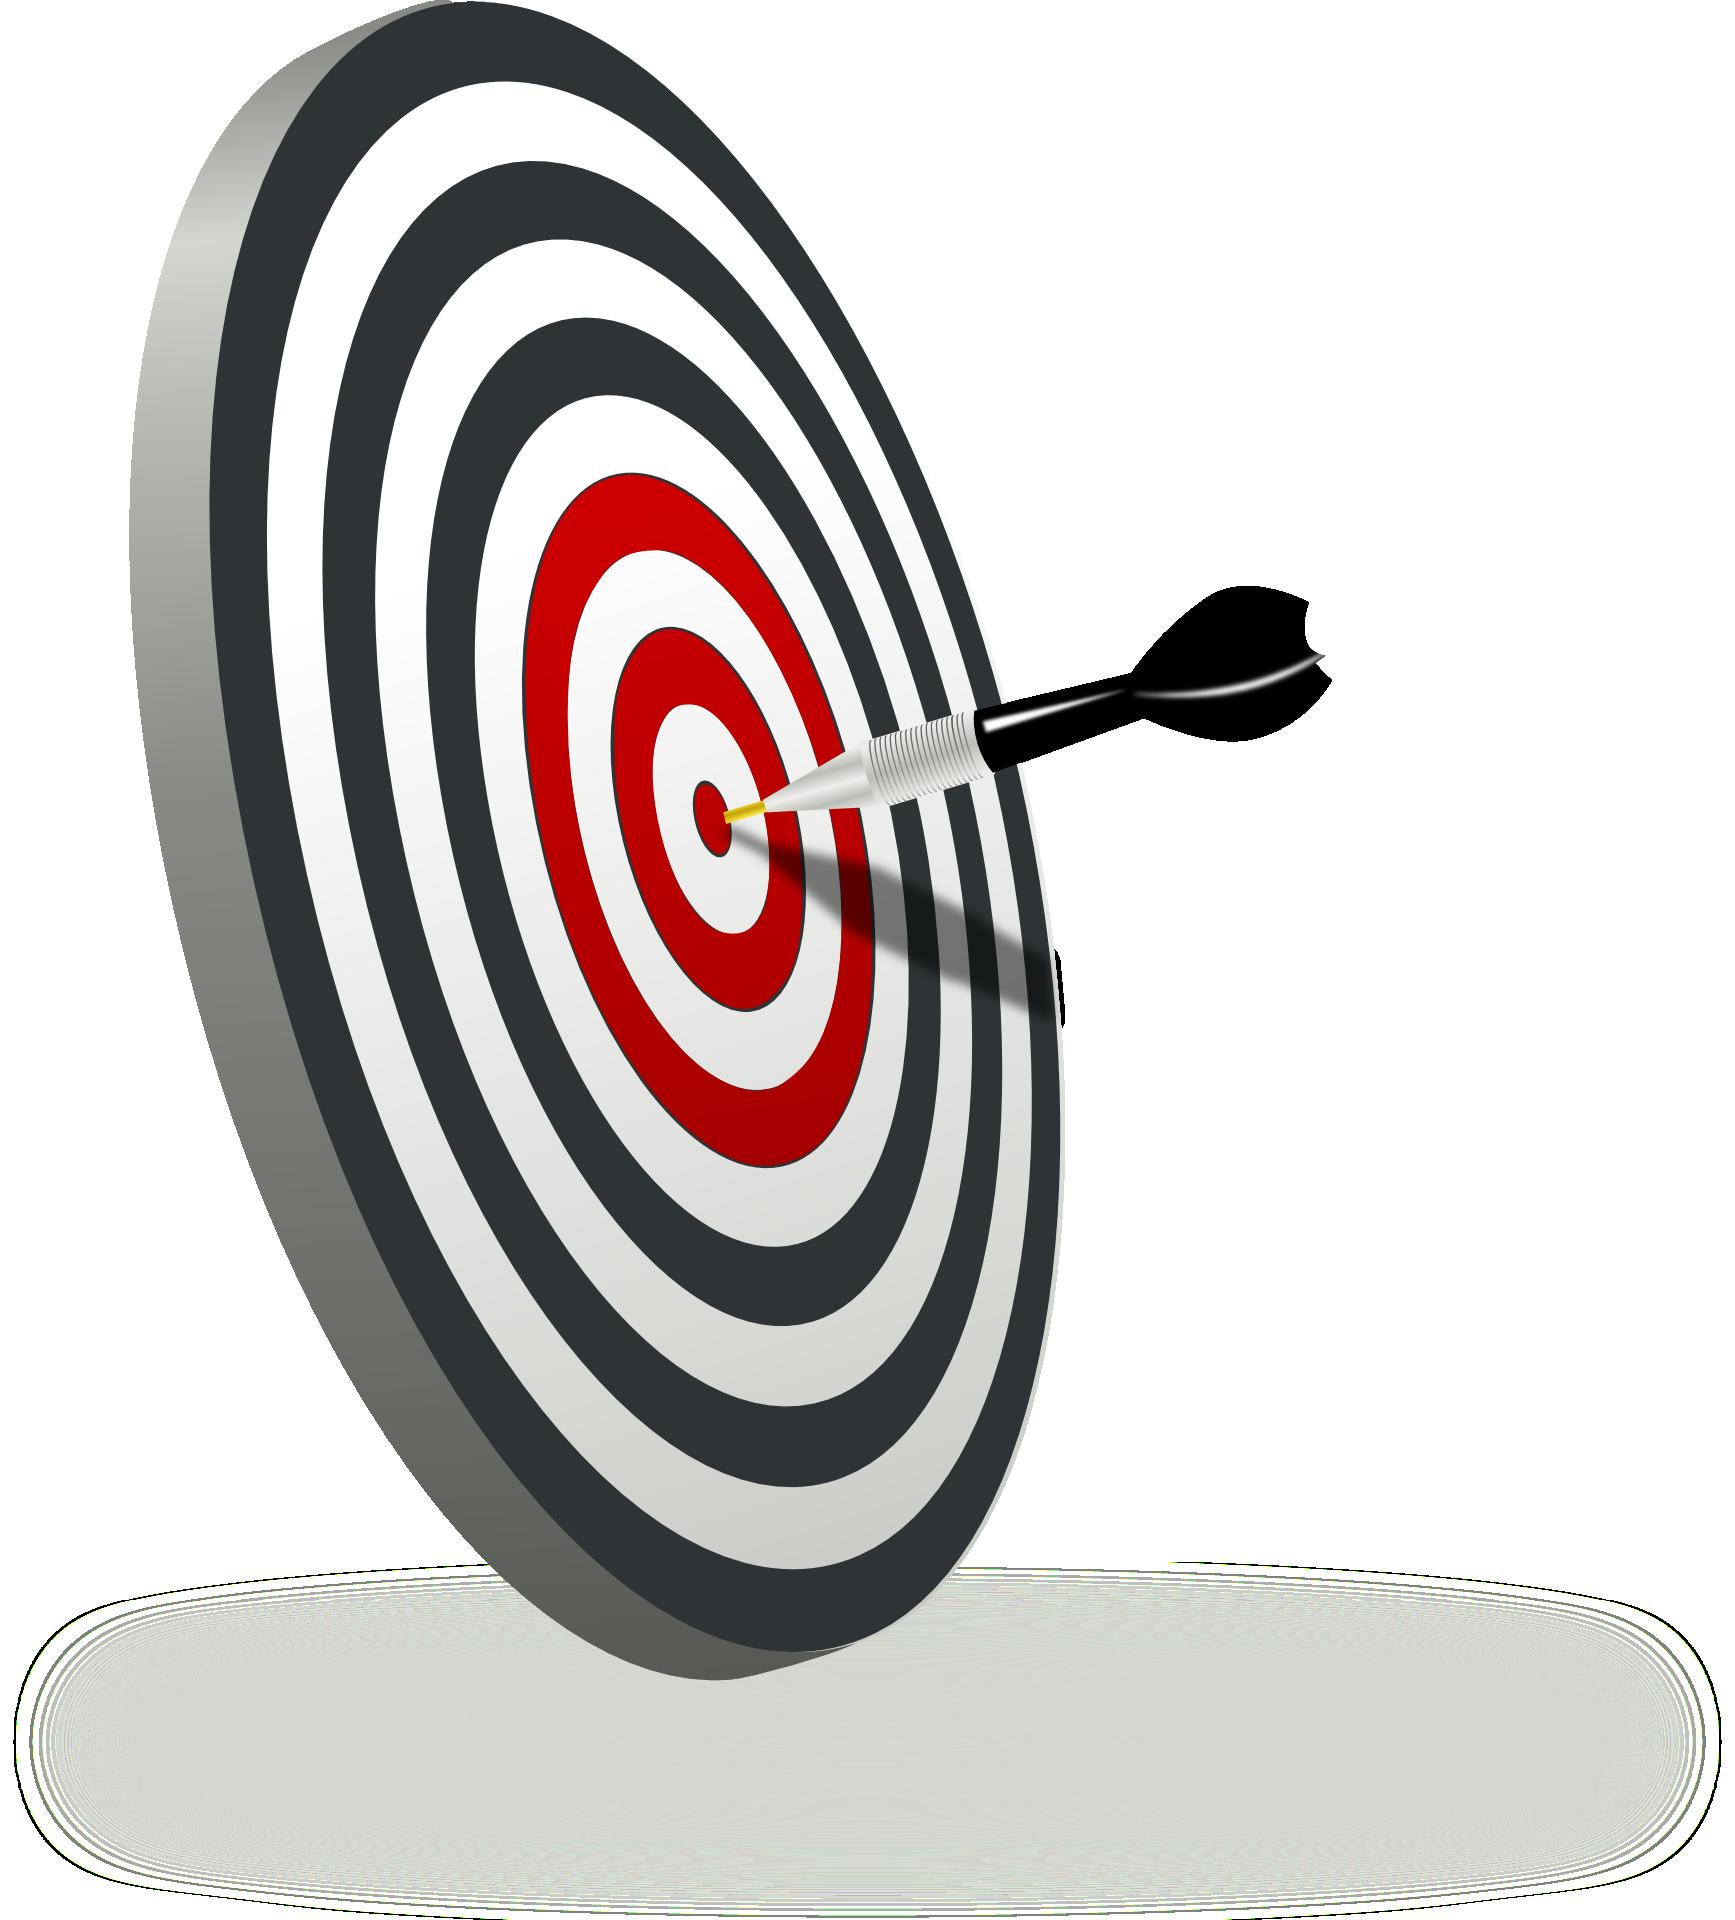 garra-marketing-promocoes-marketingpromocional-livemarketing-panfletagem-eventos-digital-conteudo-sc-santa-catarina